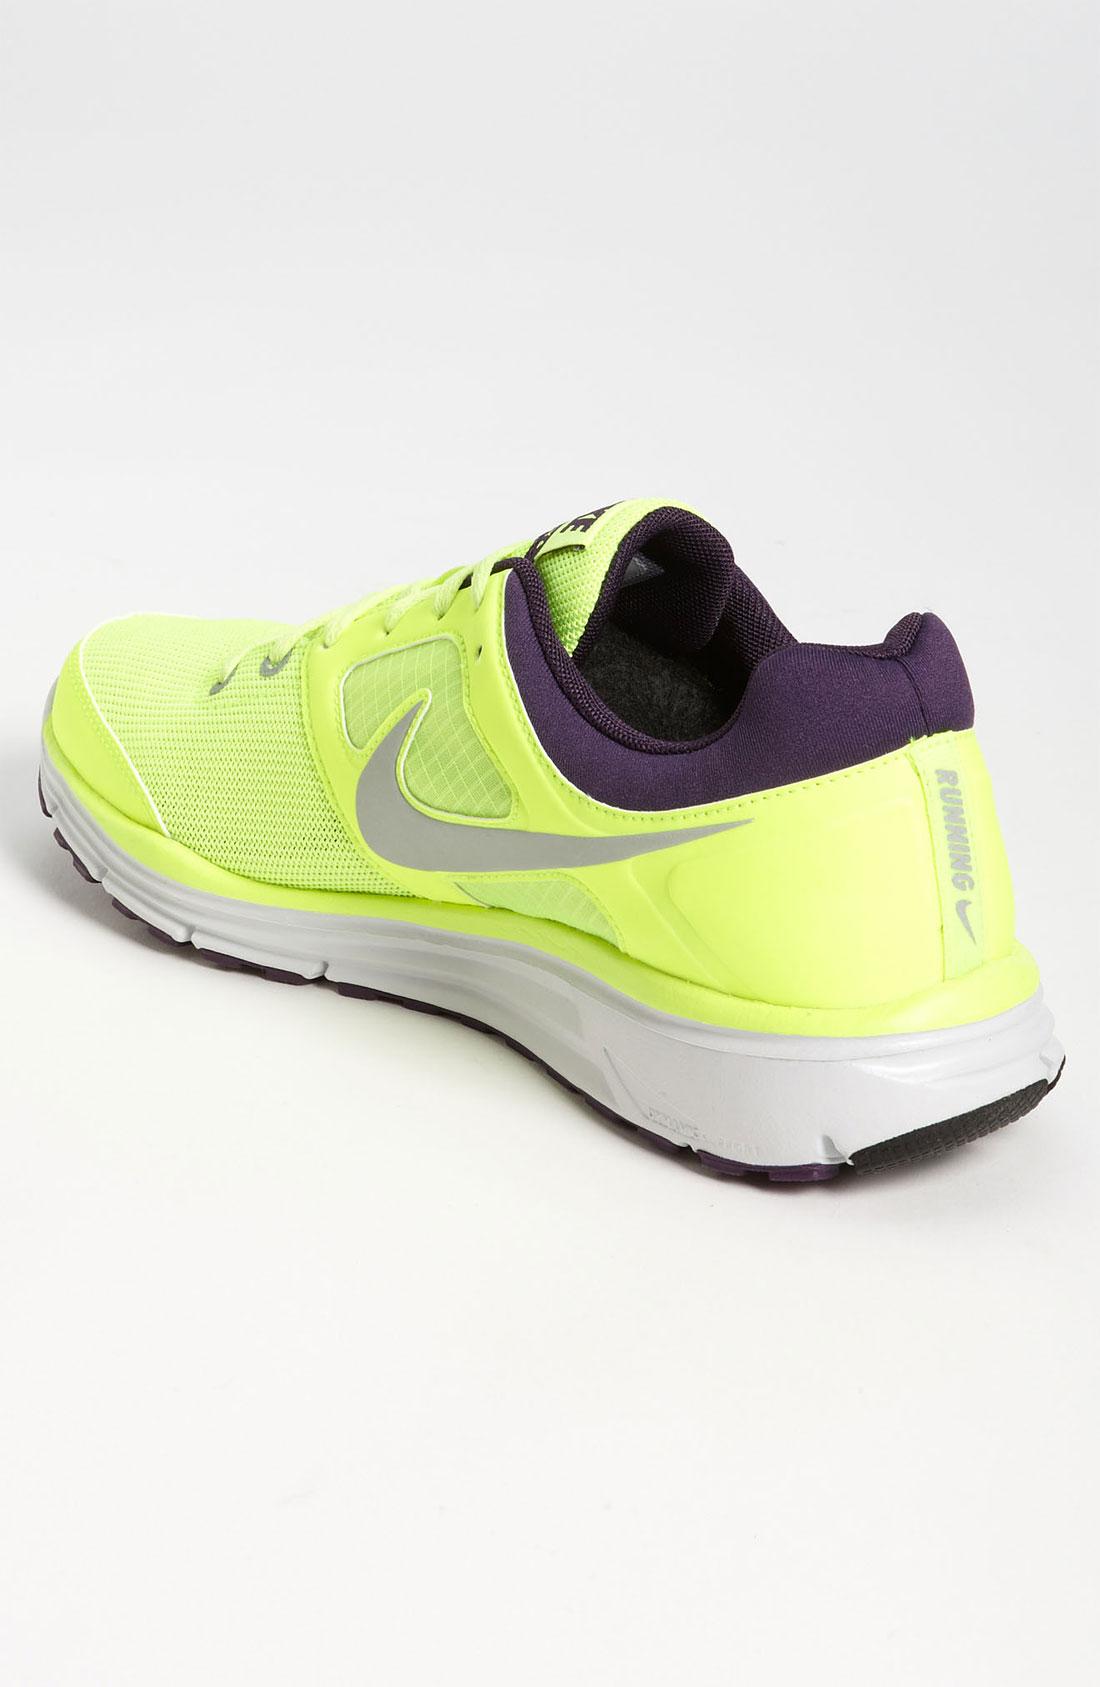 7b923a4c558c2 ... sneaker review 0a3fe b935f Lyst - Nike Lunarfly 4 Running Shoe Men in  ...